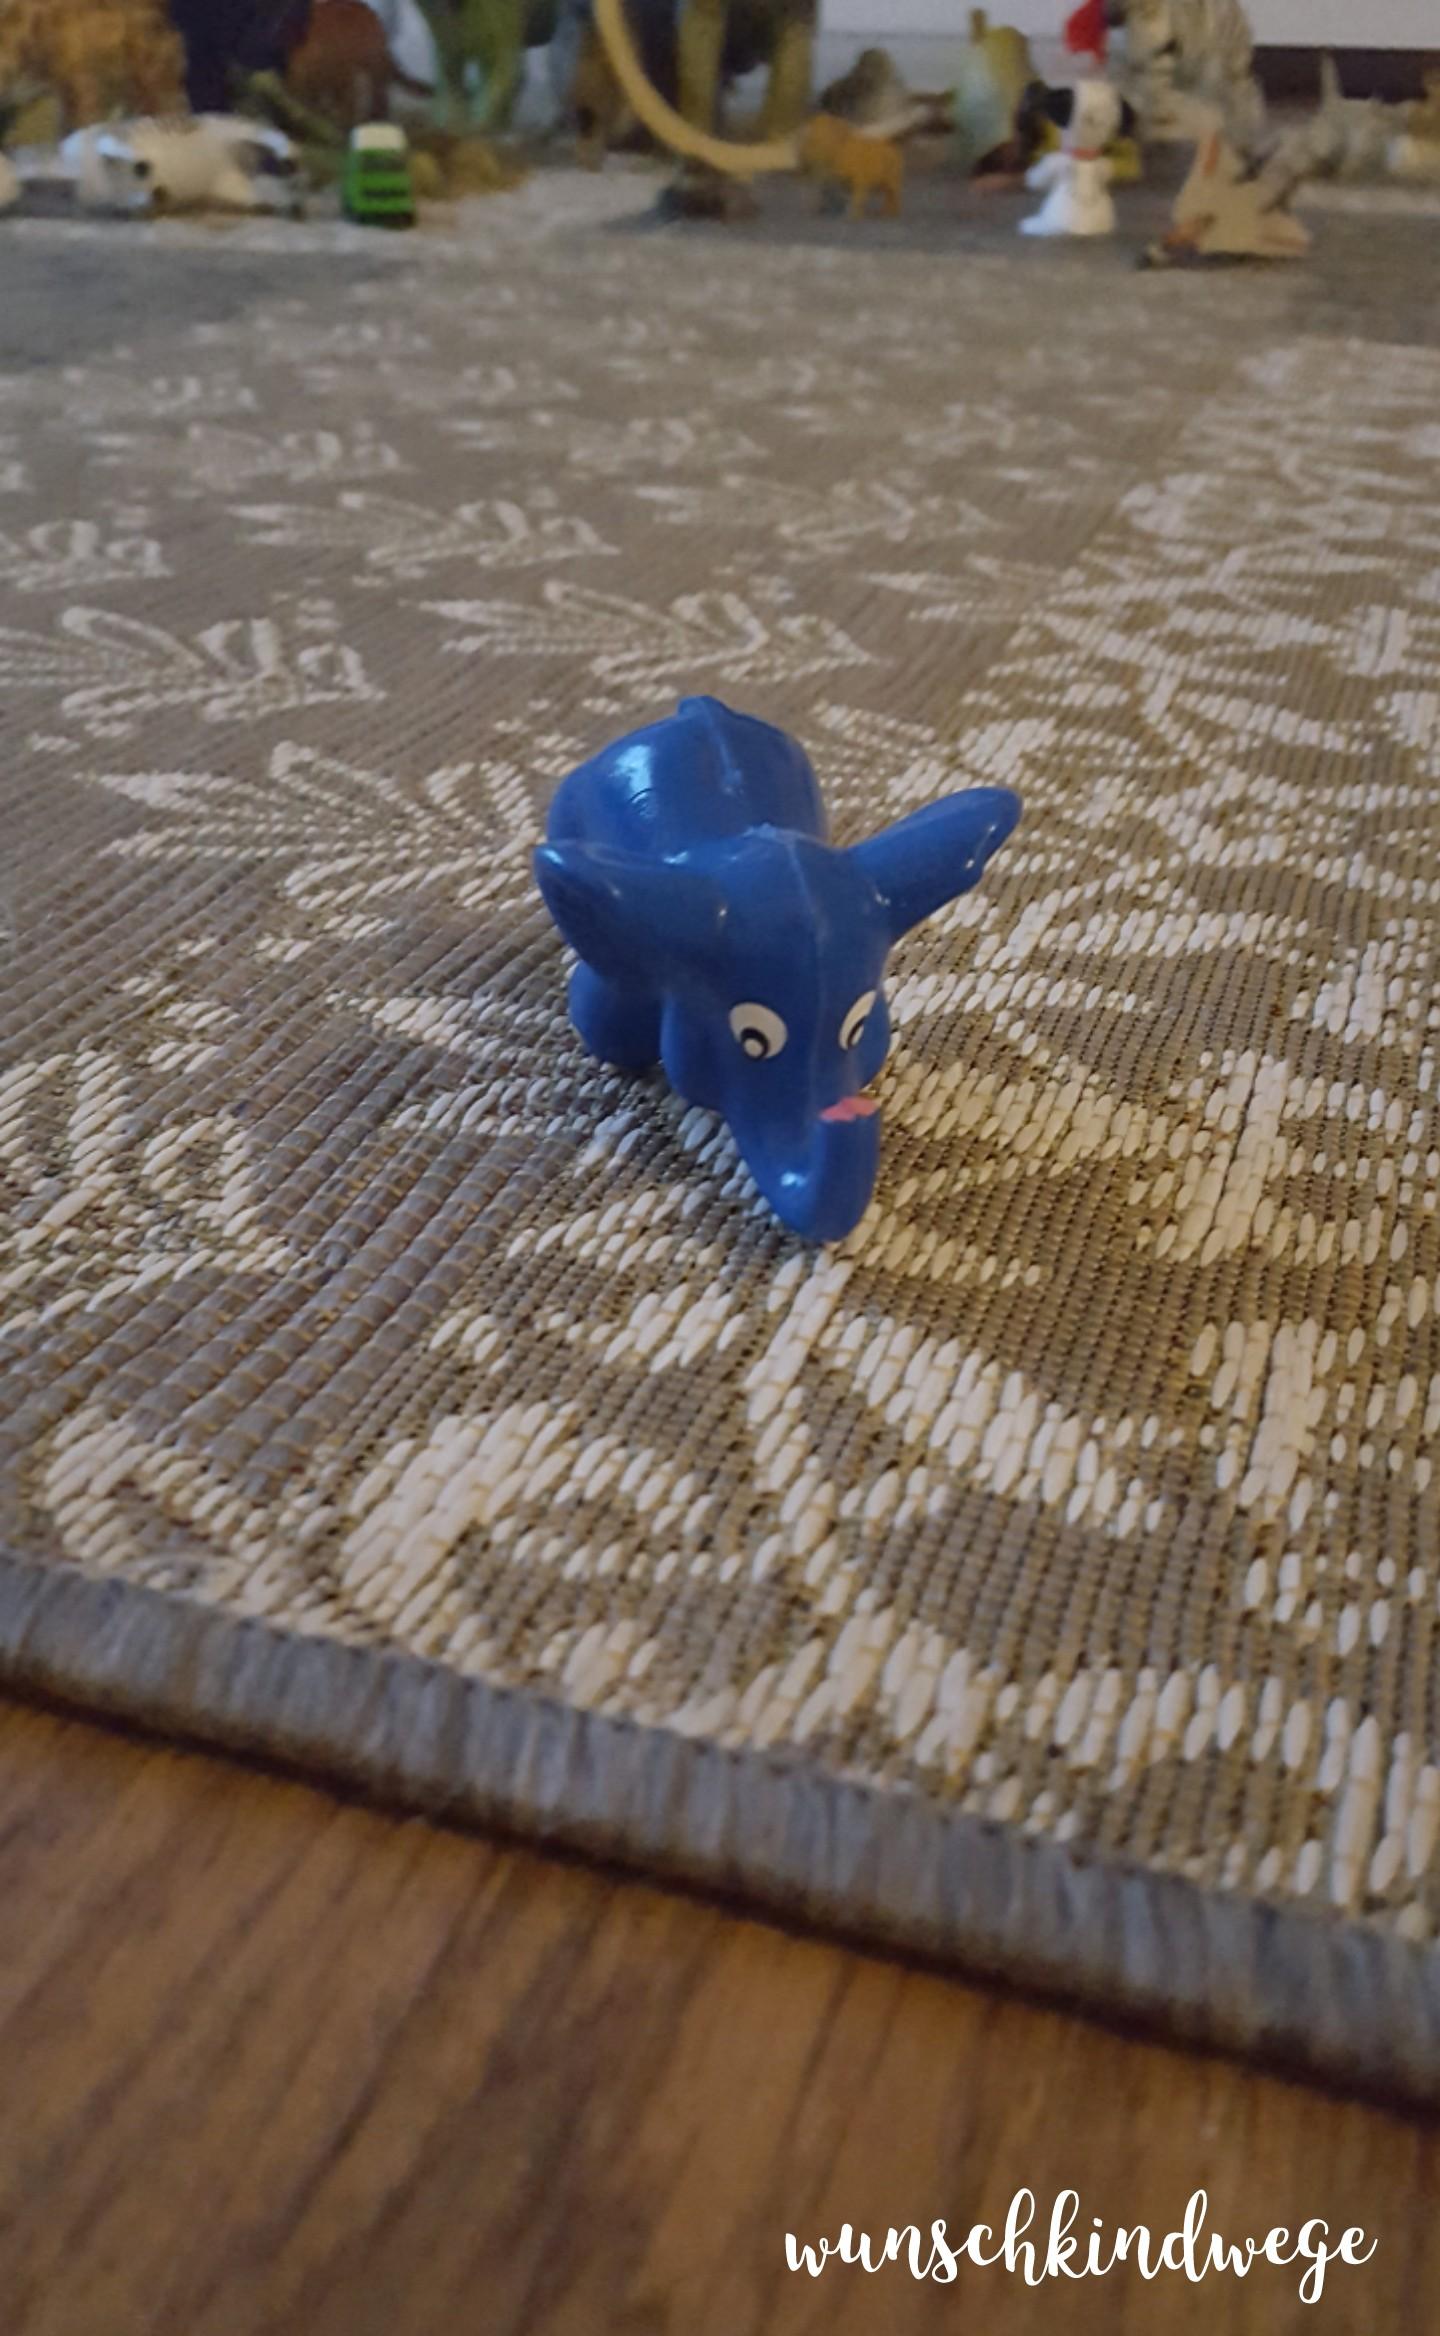 12 von 12 - November 2017 kleiner blauer Elefant